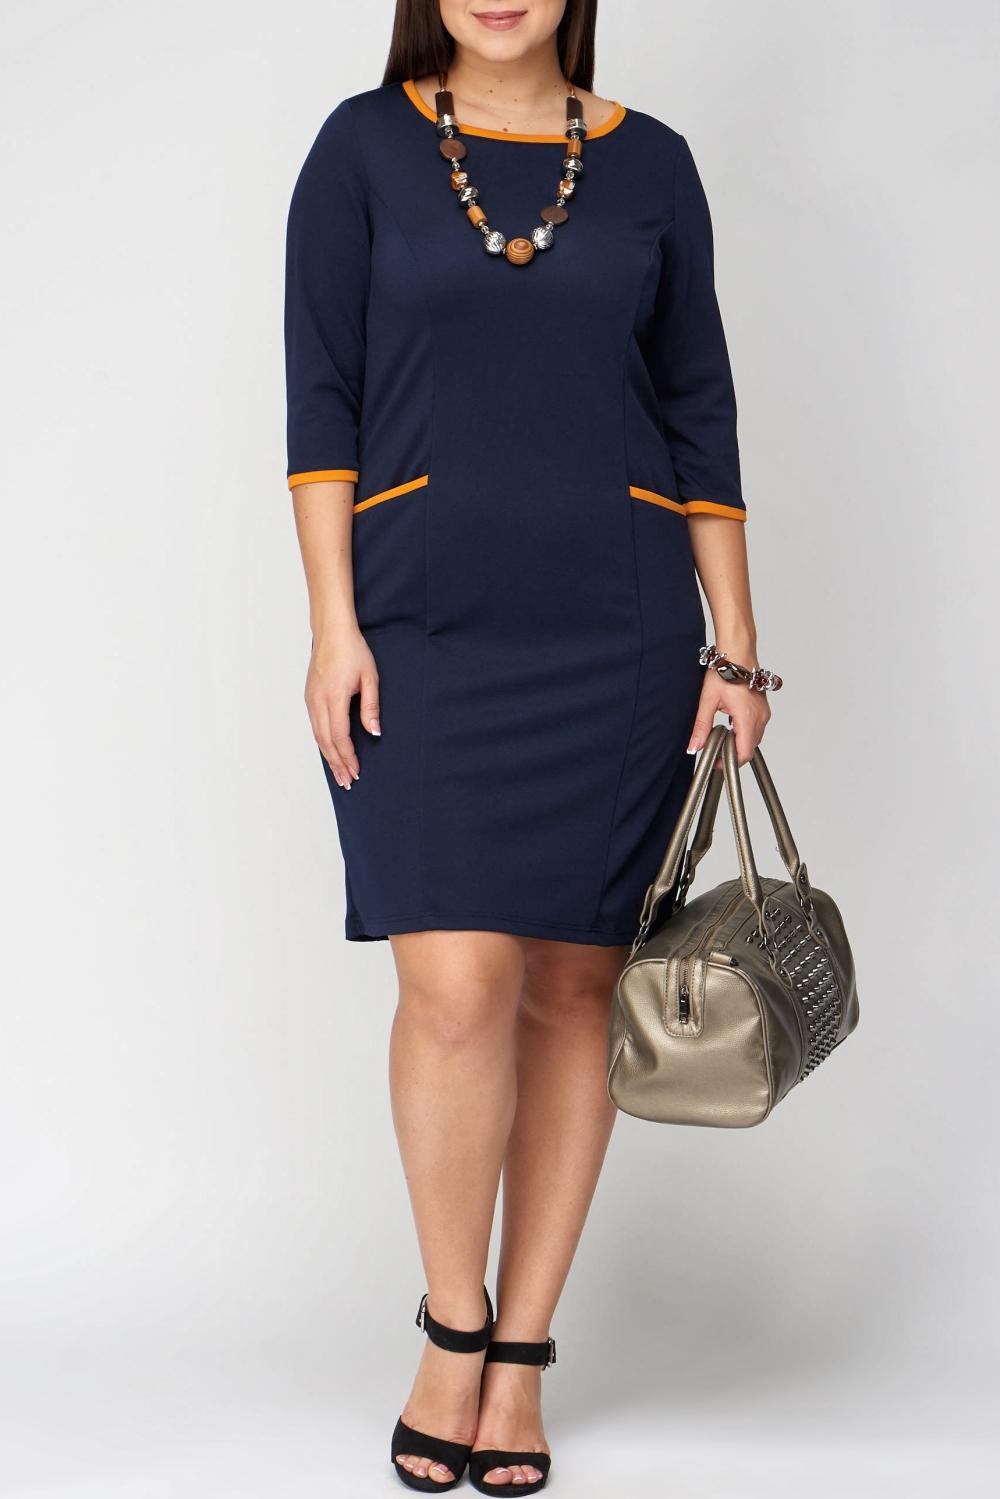 ПлатьеПлатья<br>Красивое платье с круглой горловиной и рукавами 3/4. Модель выполнена из однотонного трикотажа с контрастной отделкой. Отличный выбор для повседневного и делового гардероба.  В изделии использованы цвета: синий, желтый  Рост девушки-фотомодели 170 см<br><br>Горловина: С- горловина<br>По длине: До колена<br>По материалу: Вискоза,Трикотаж<br>По рисунку: Однотонные<br>По стилю: Офисный стиль,Повседневный стиль<br>По форме: Платье - футляр<br>По элементам: С карманами<br>Рукав: Рукав три четверти<br>По сезону: Осень,Весна,Зима<br>Размер : 56,60<br>Материал: Трикотаж<br>Количество в наличии: 3